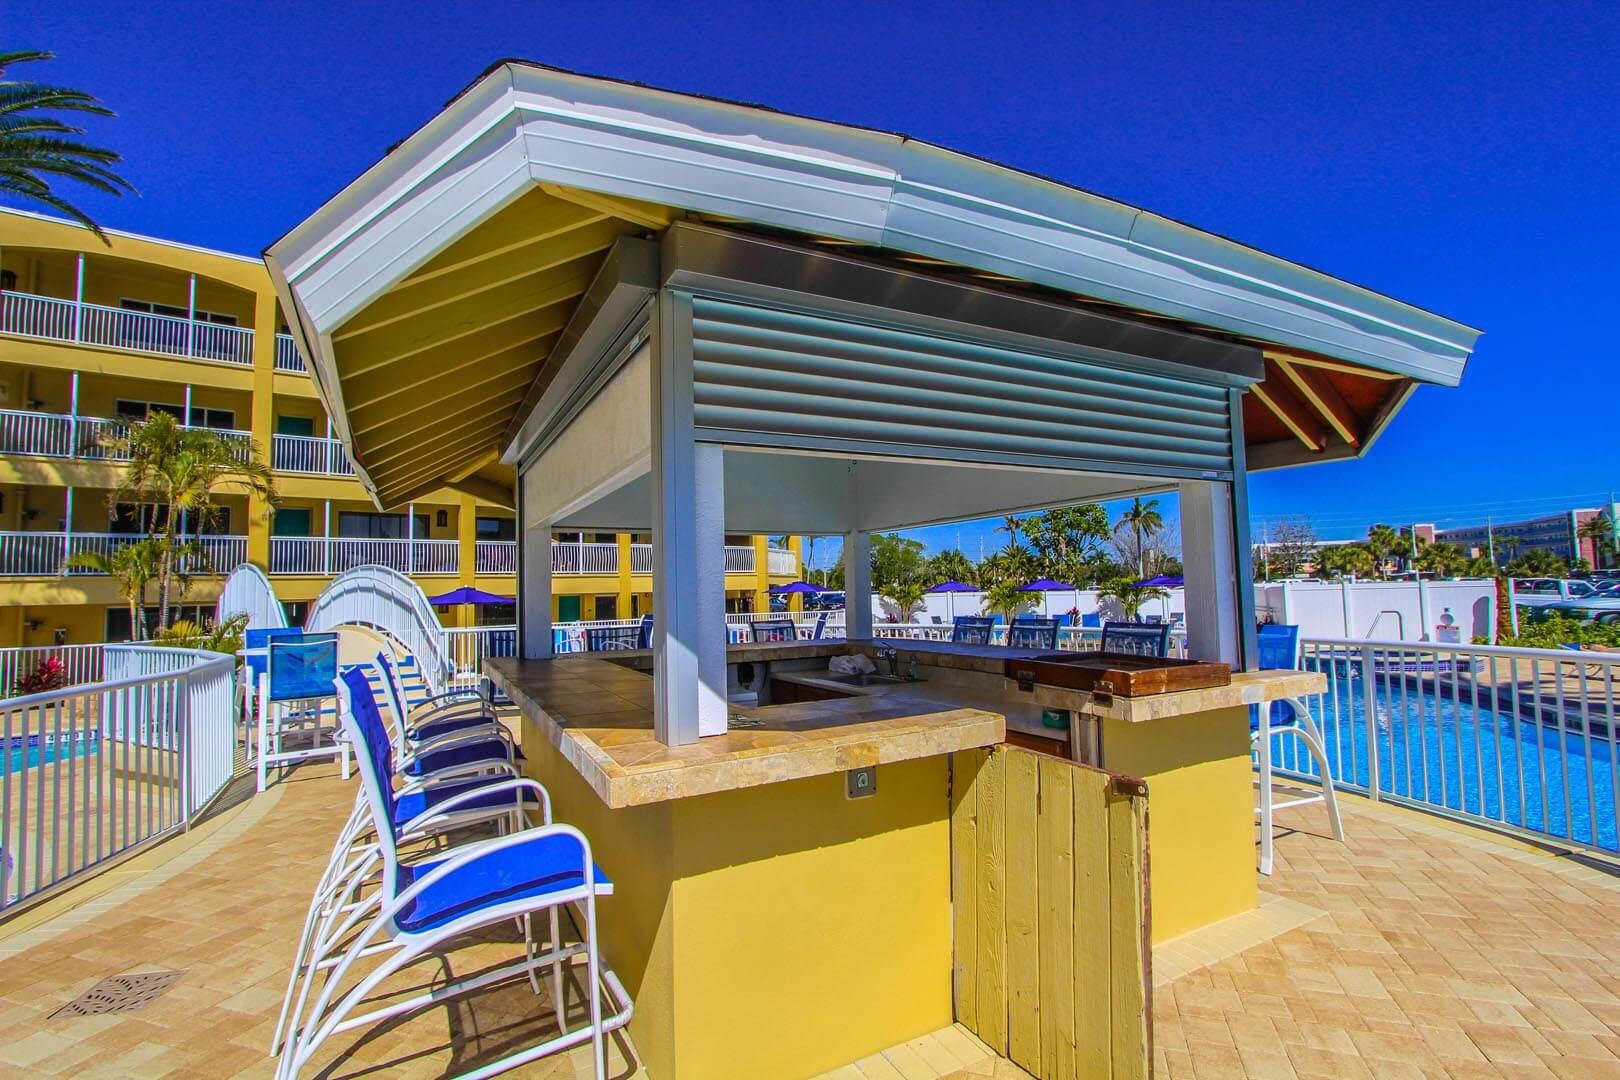 Coral Reef Beach Resort Pool